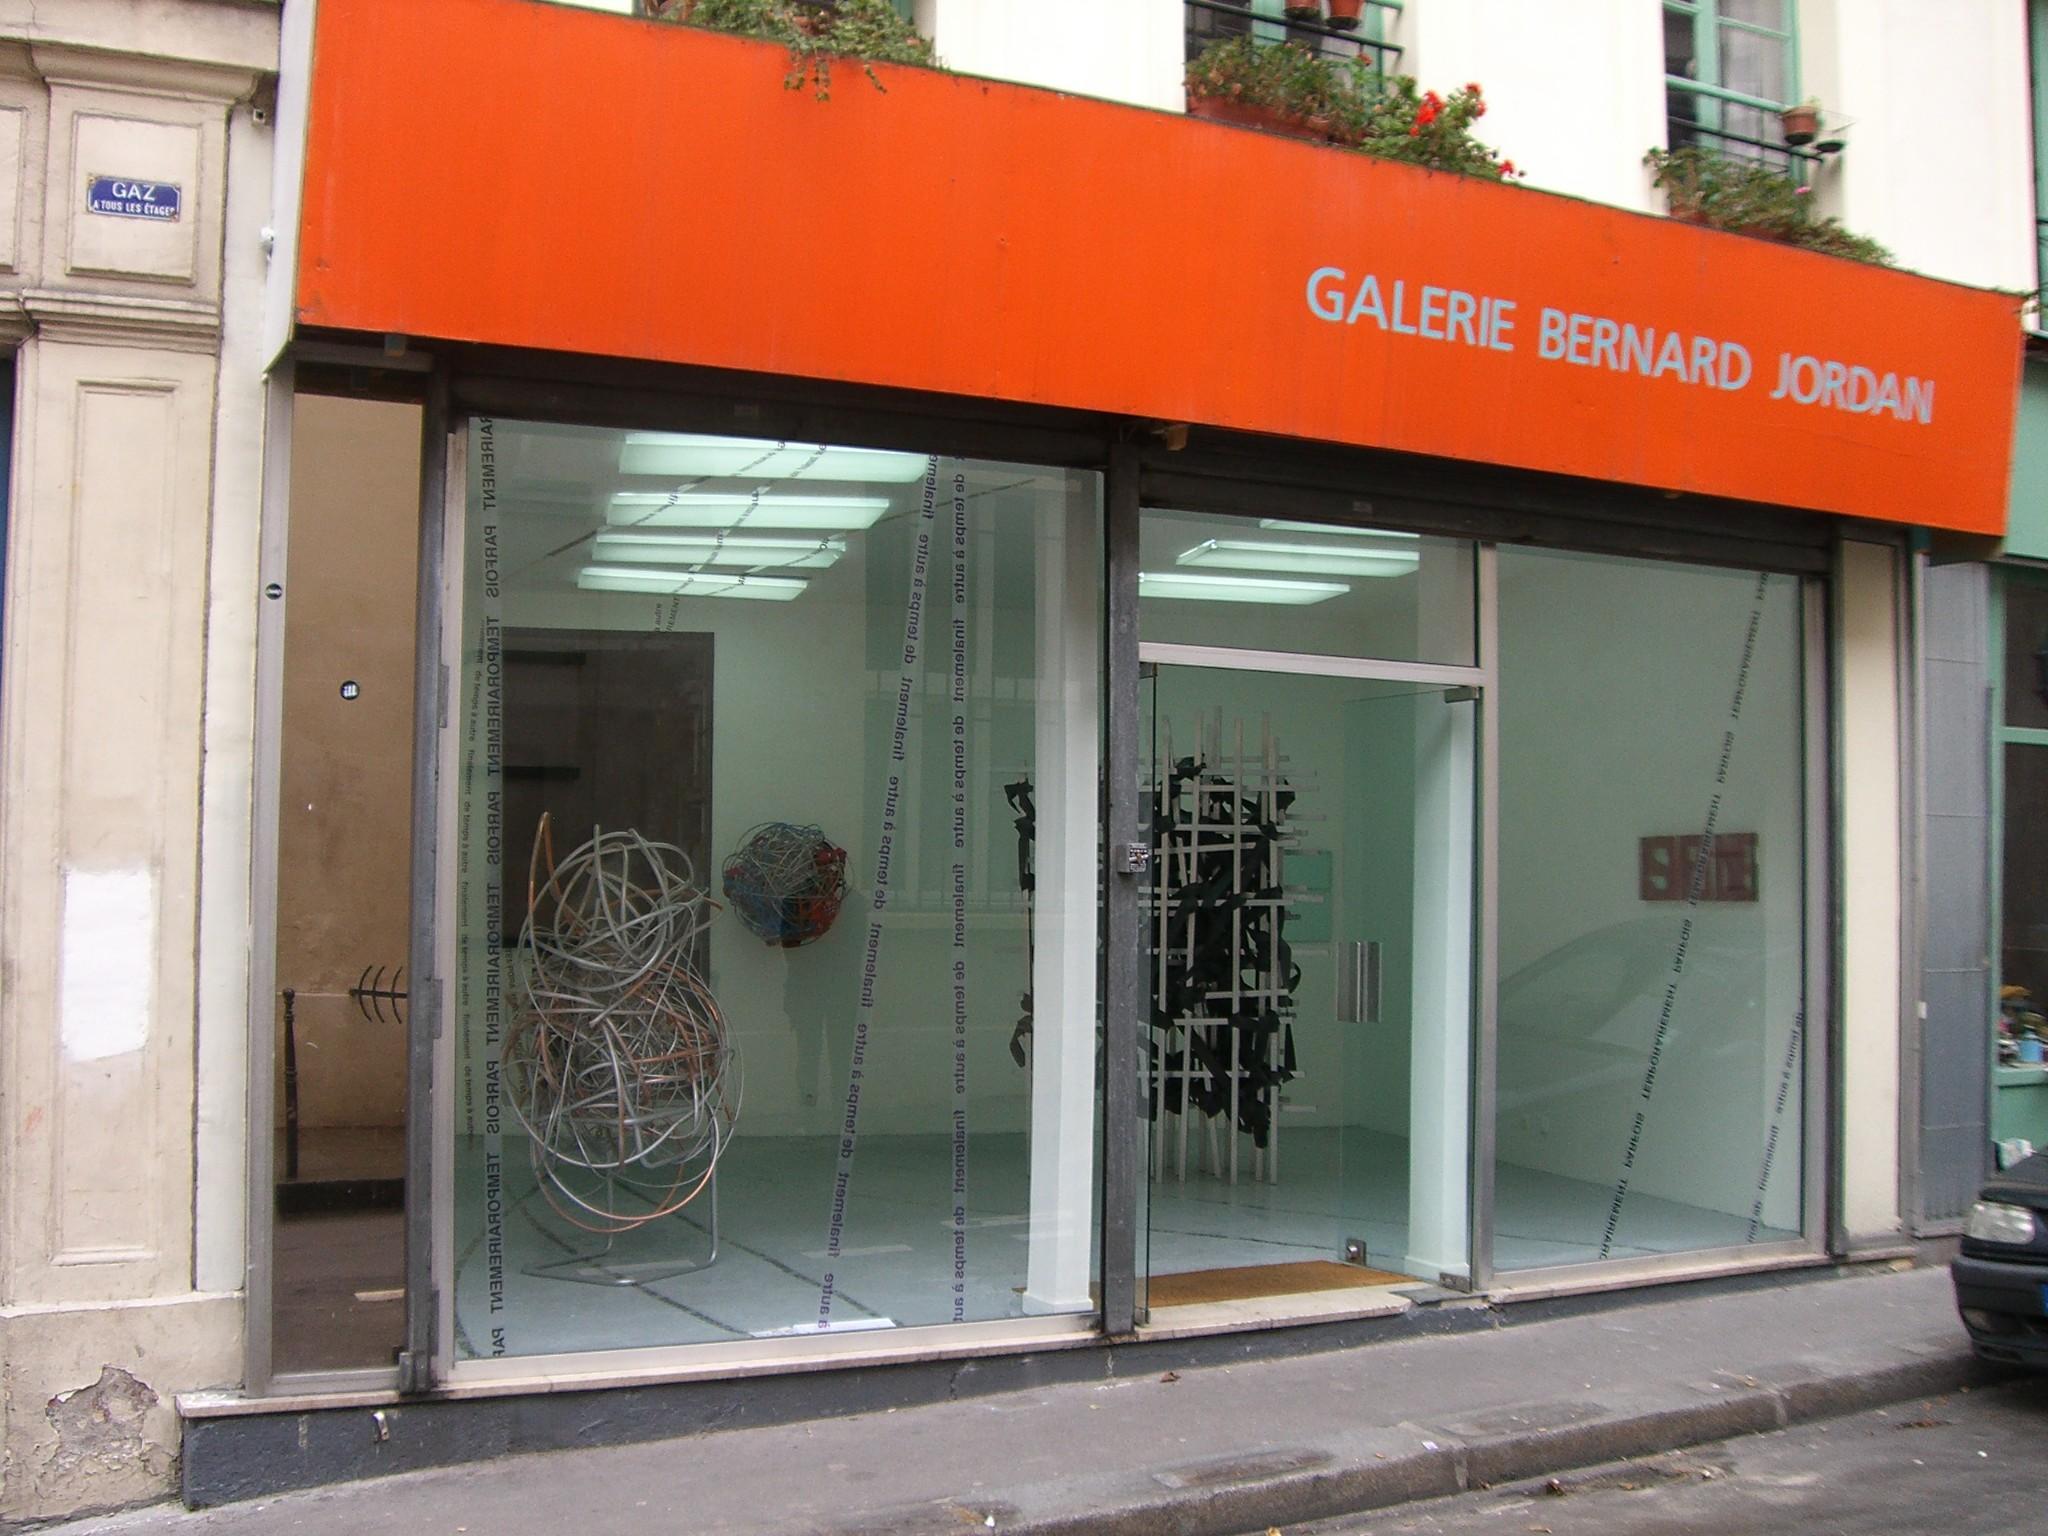 Galerie Bernard Jordan